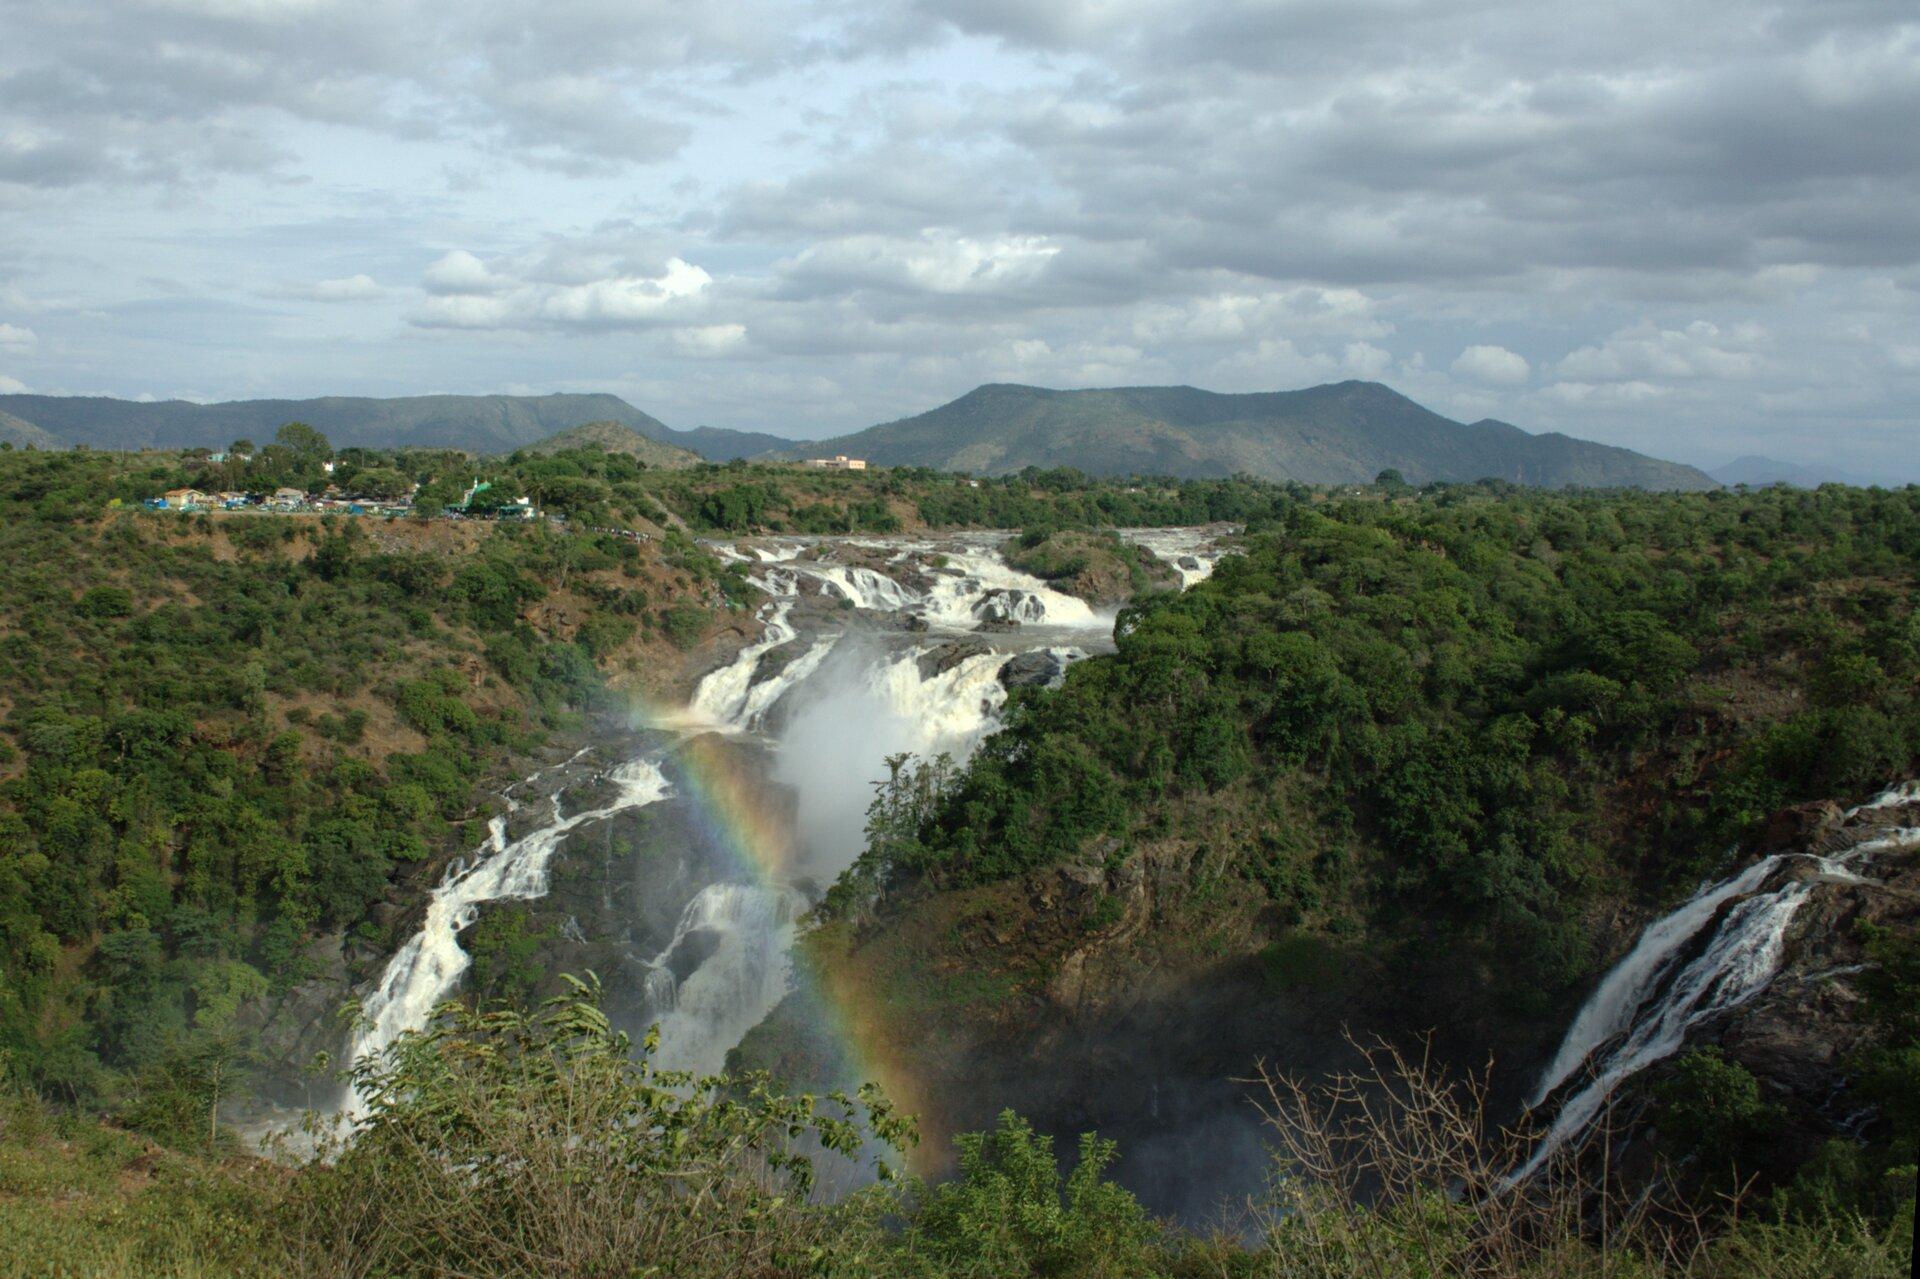 Na zdjęciu rozległy płaski zalesiony teren, płynąca rzeka, wodospad. Wtle wysokie góry.